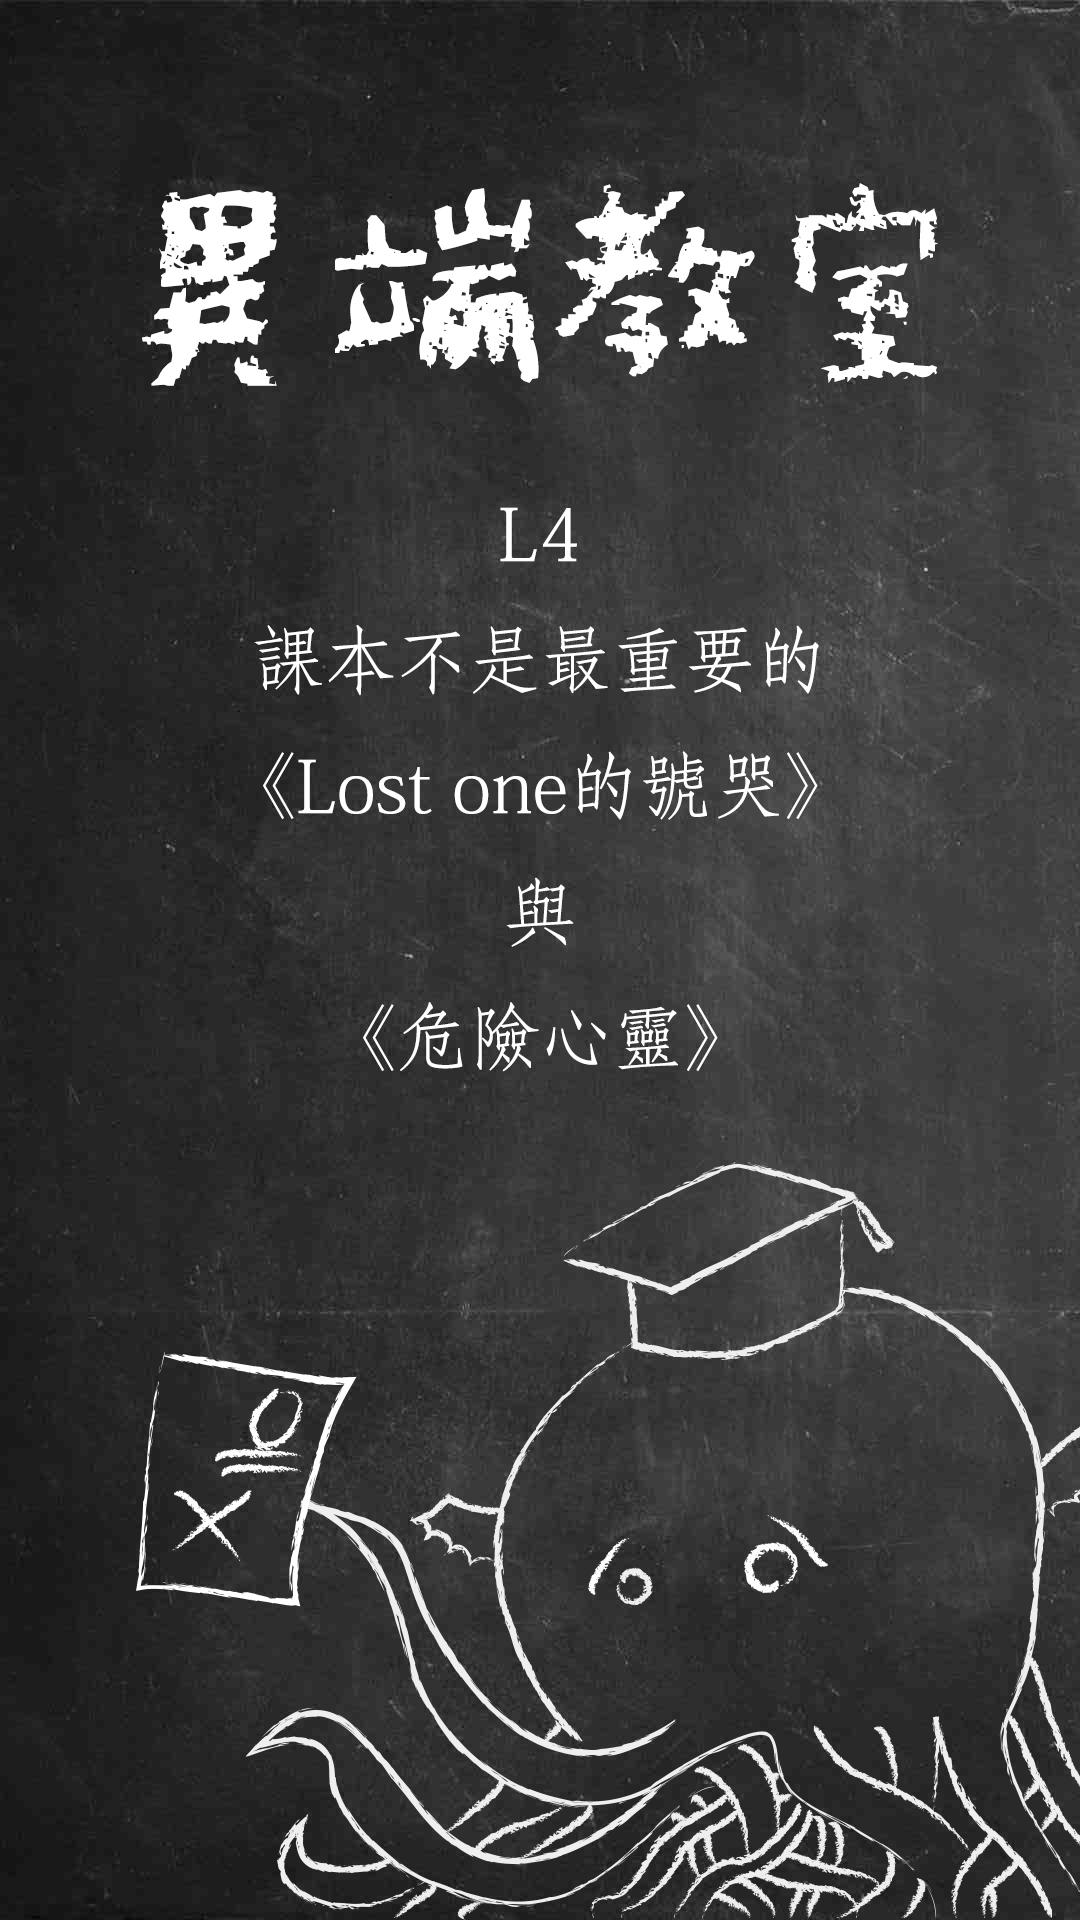 課本不是最重要的-異端教室L4:《Lost one的號哭》與《危險心靈》